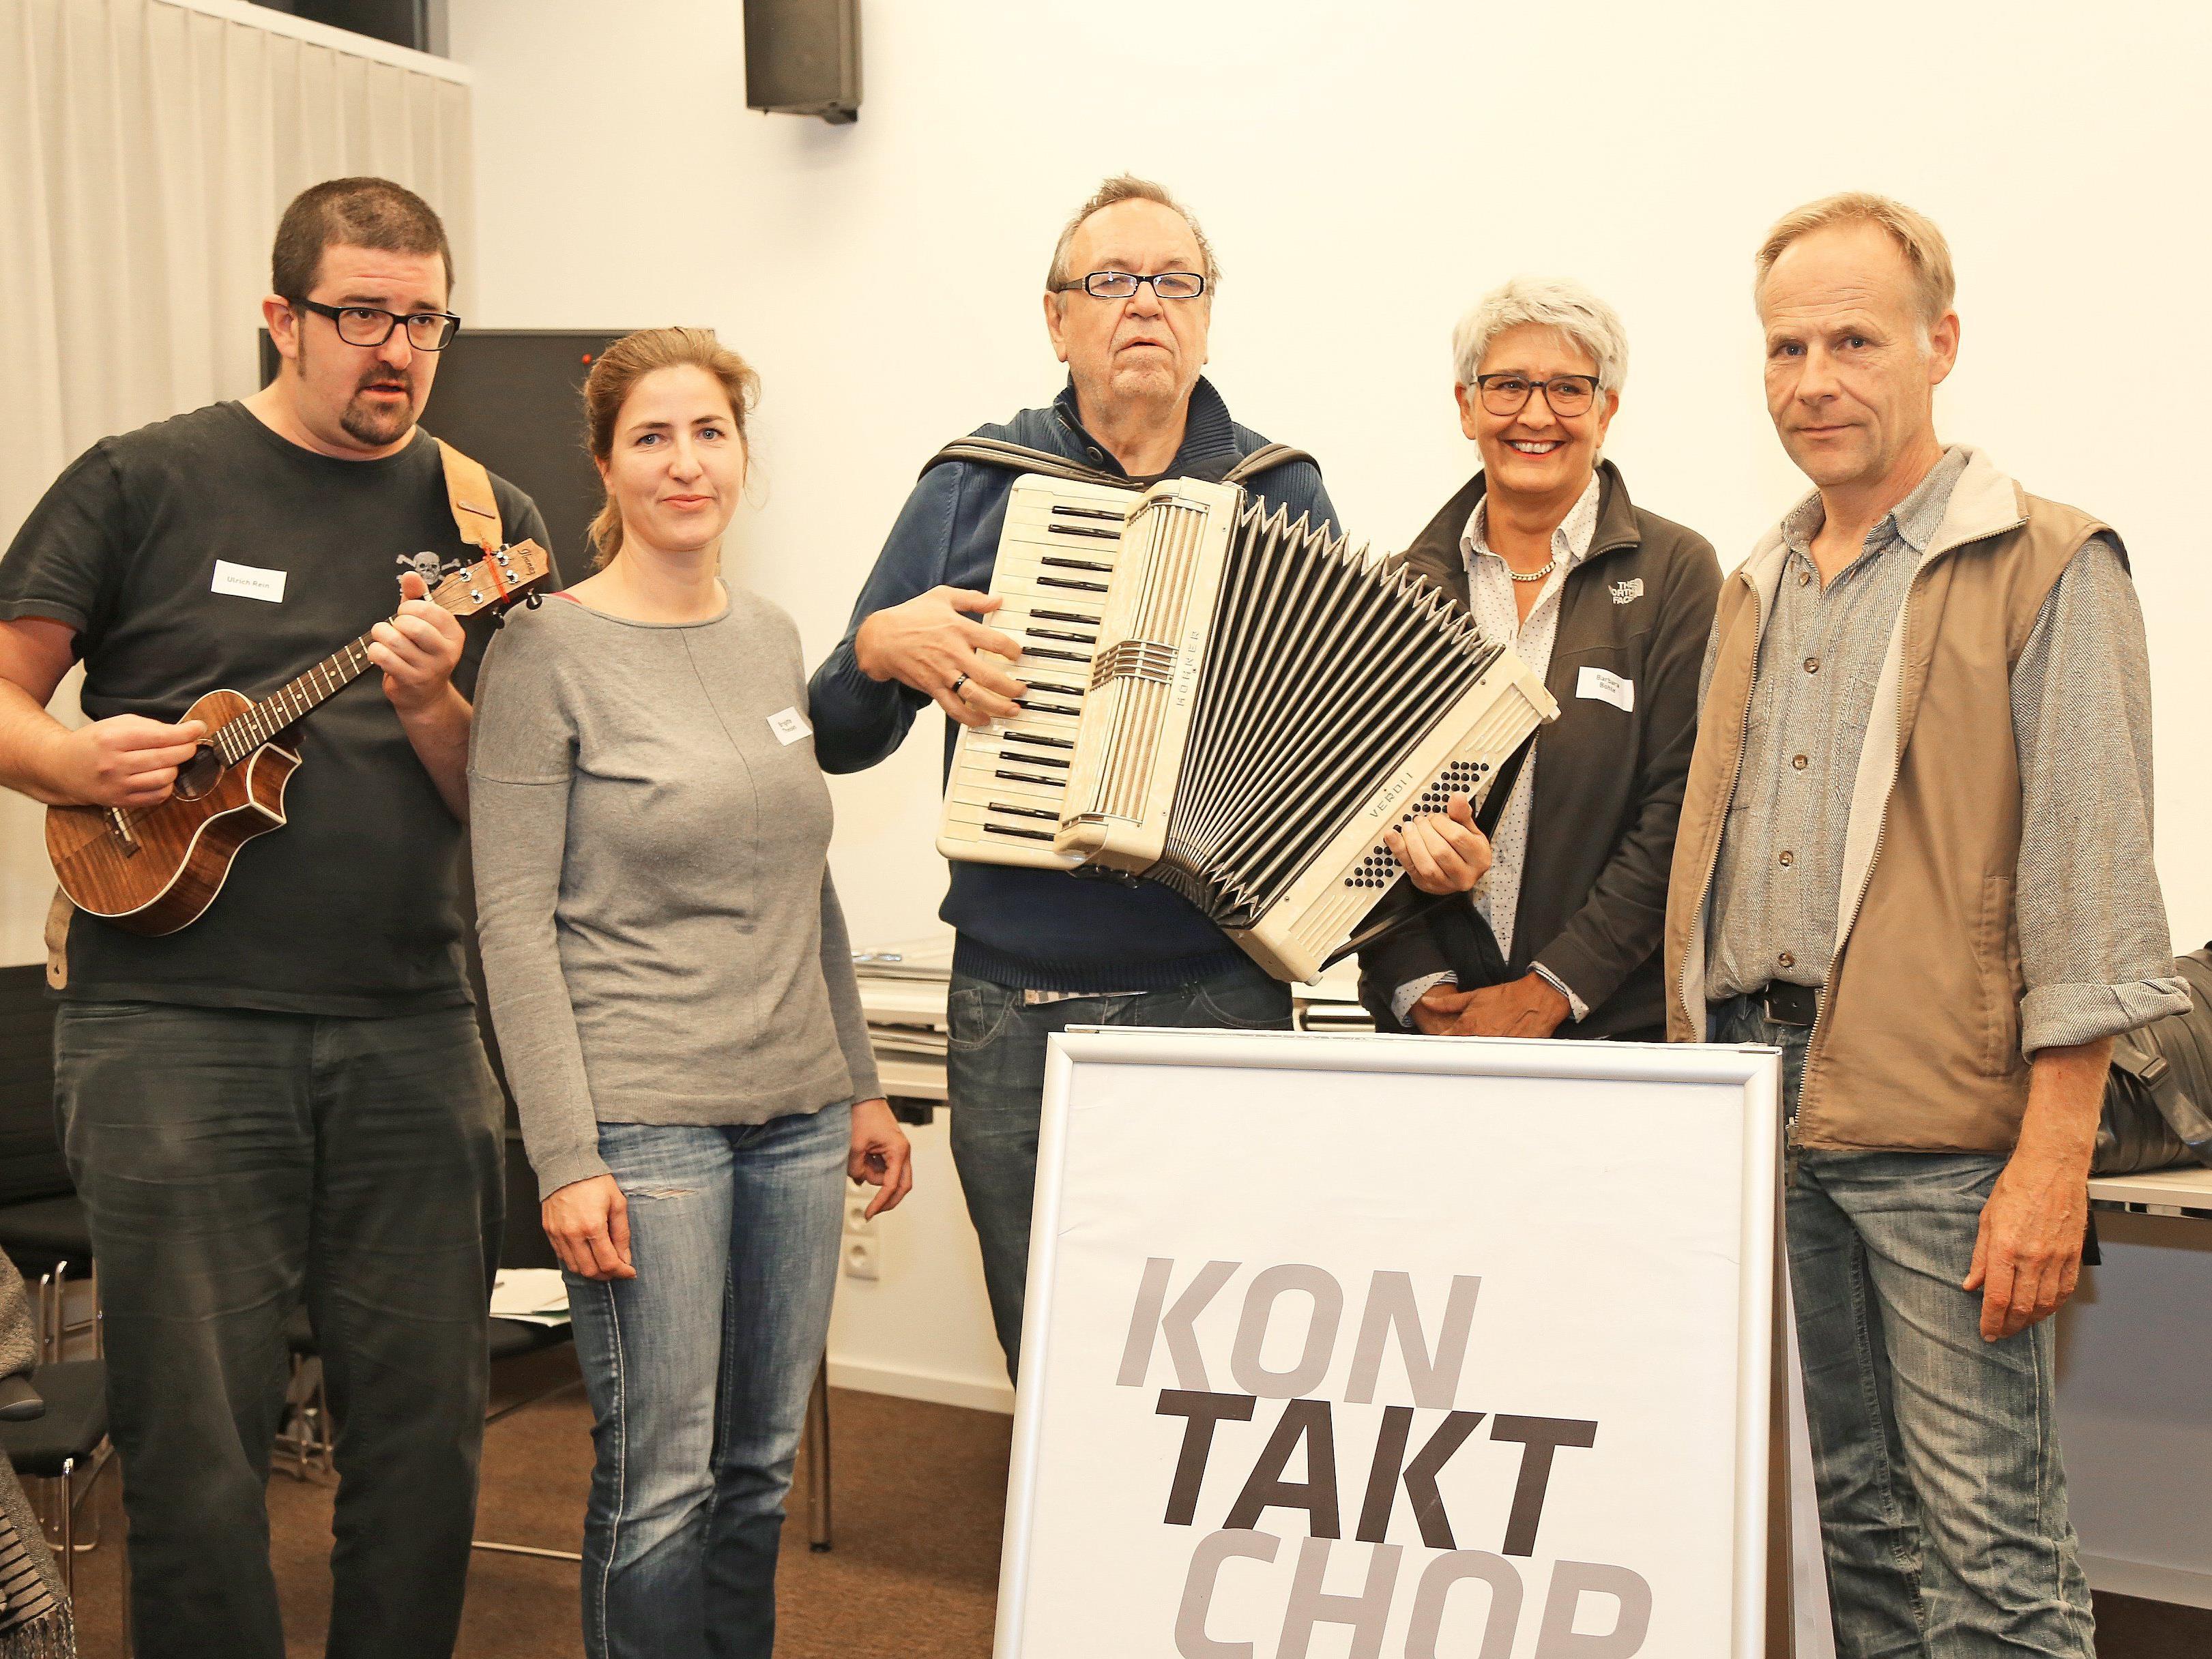 Die Organisatoren des Kontakt Chors bei den Proben in Feldkirch.